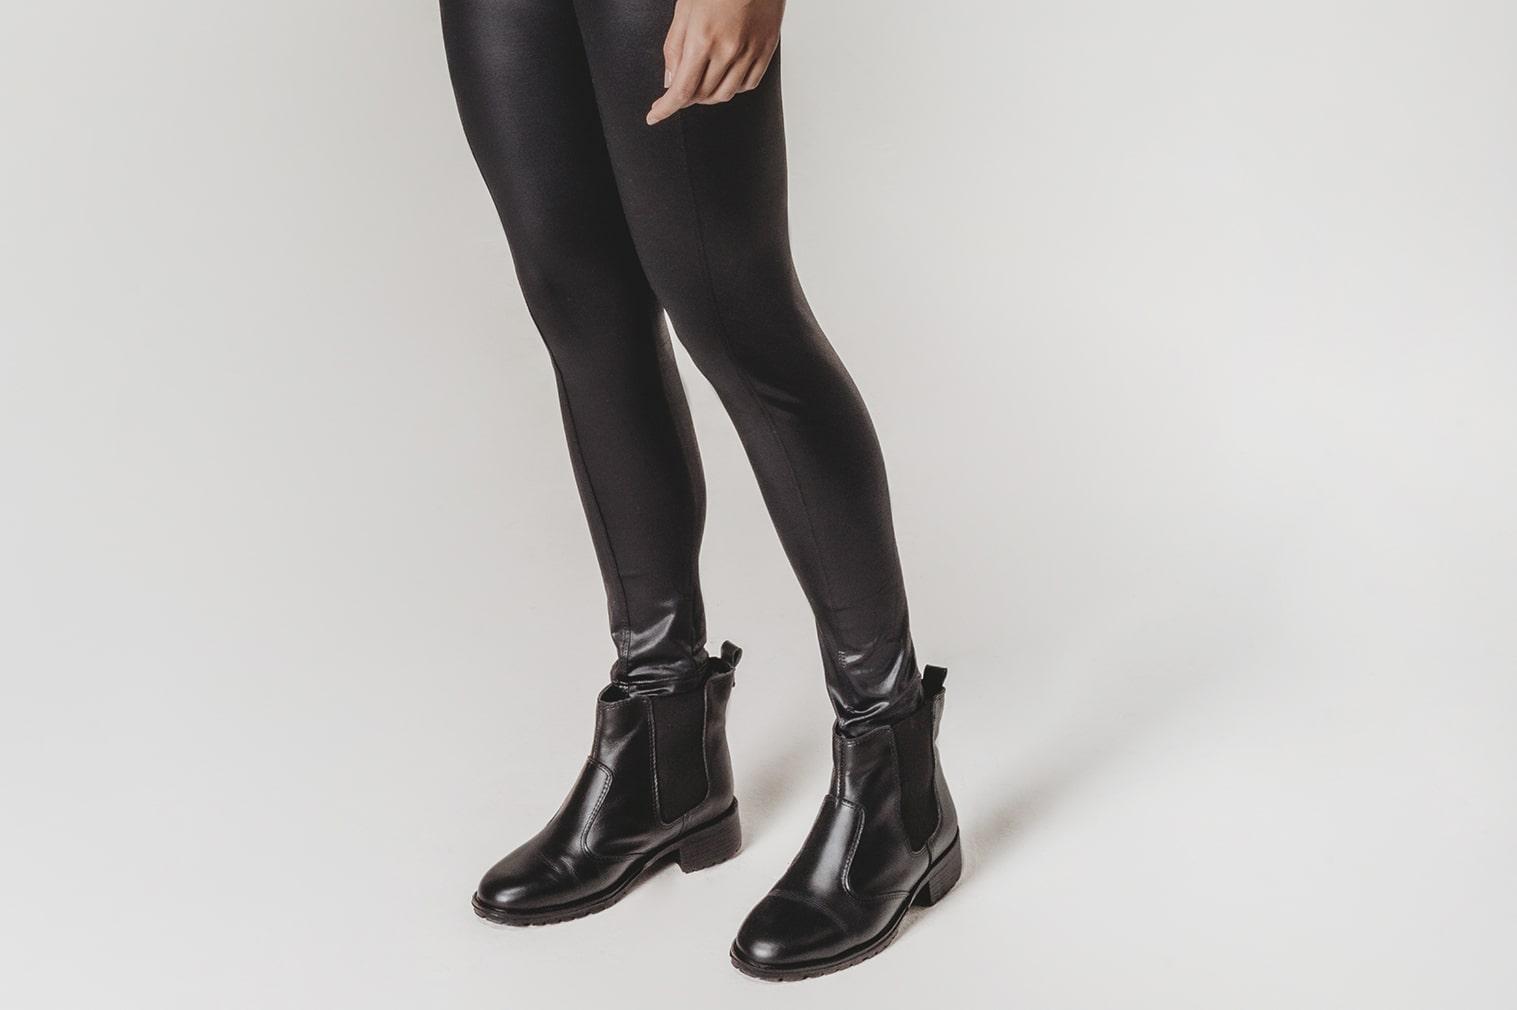 Escolher o calçado para usar com legging